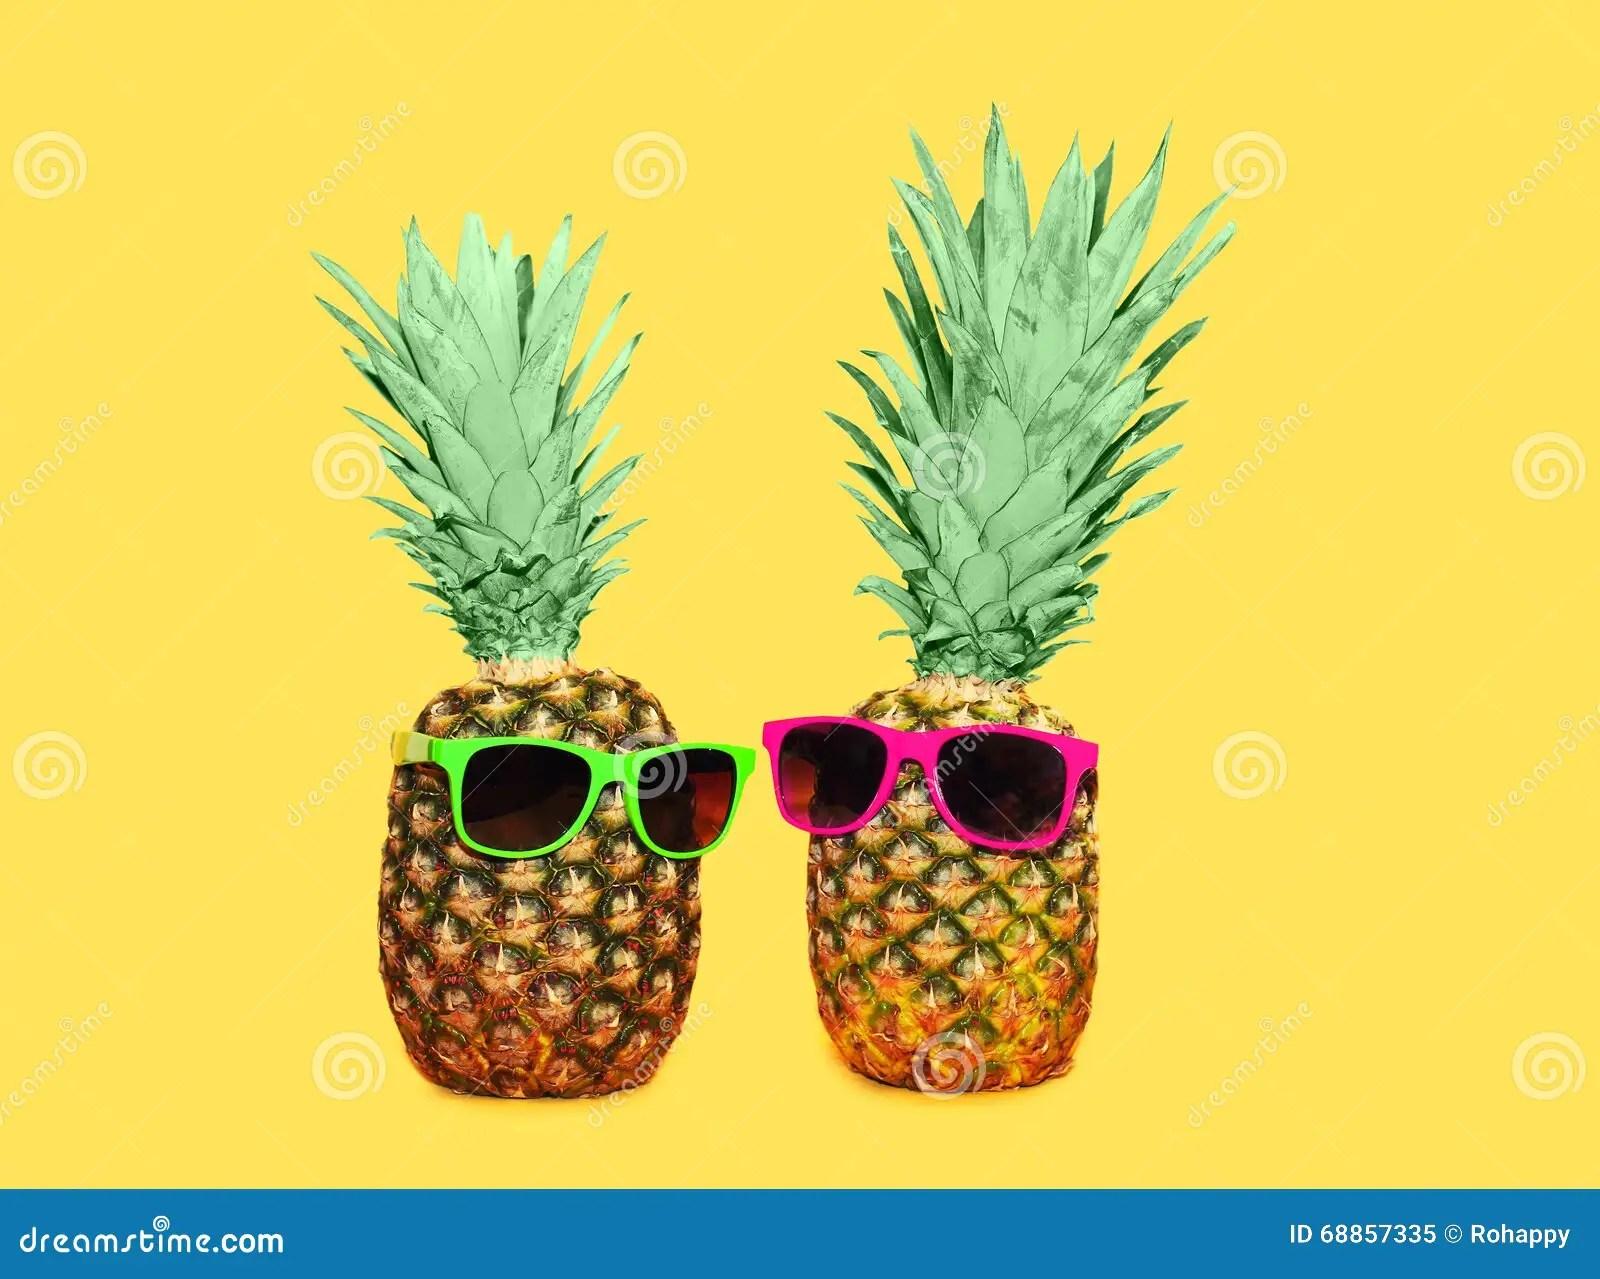 Cute Trendy Wallpapers Ananas Zwei Mit Sonnenbrille Auf Gelbem Hintergrund Bunte